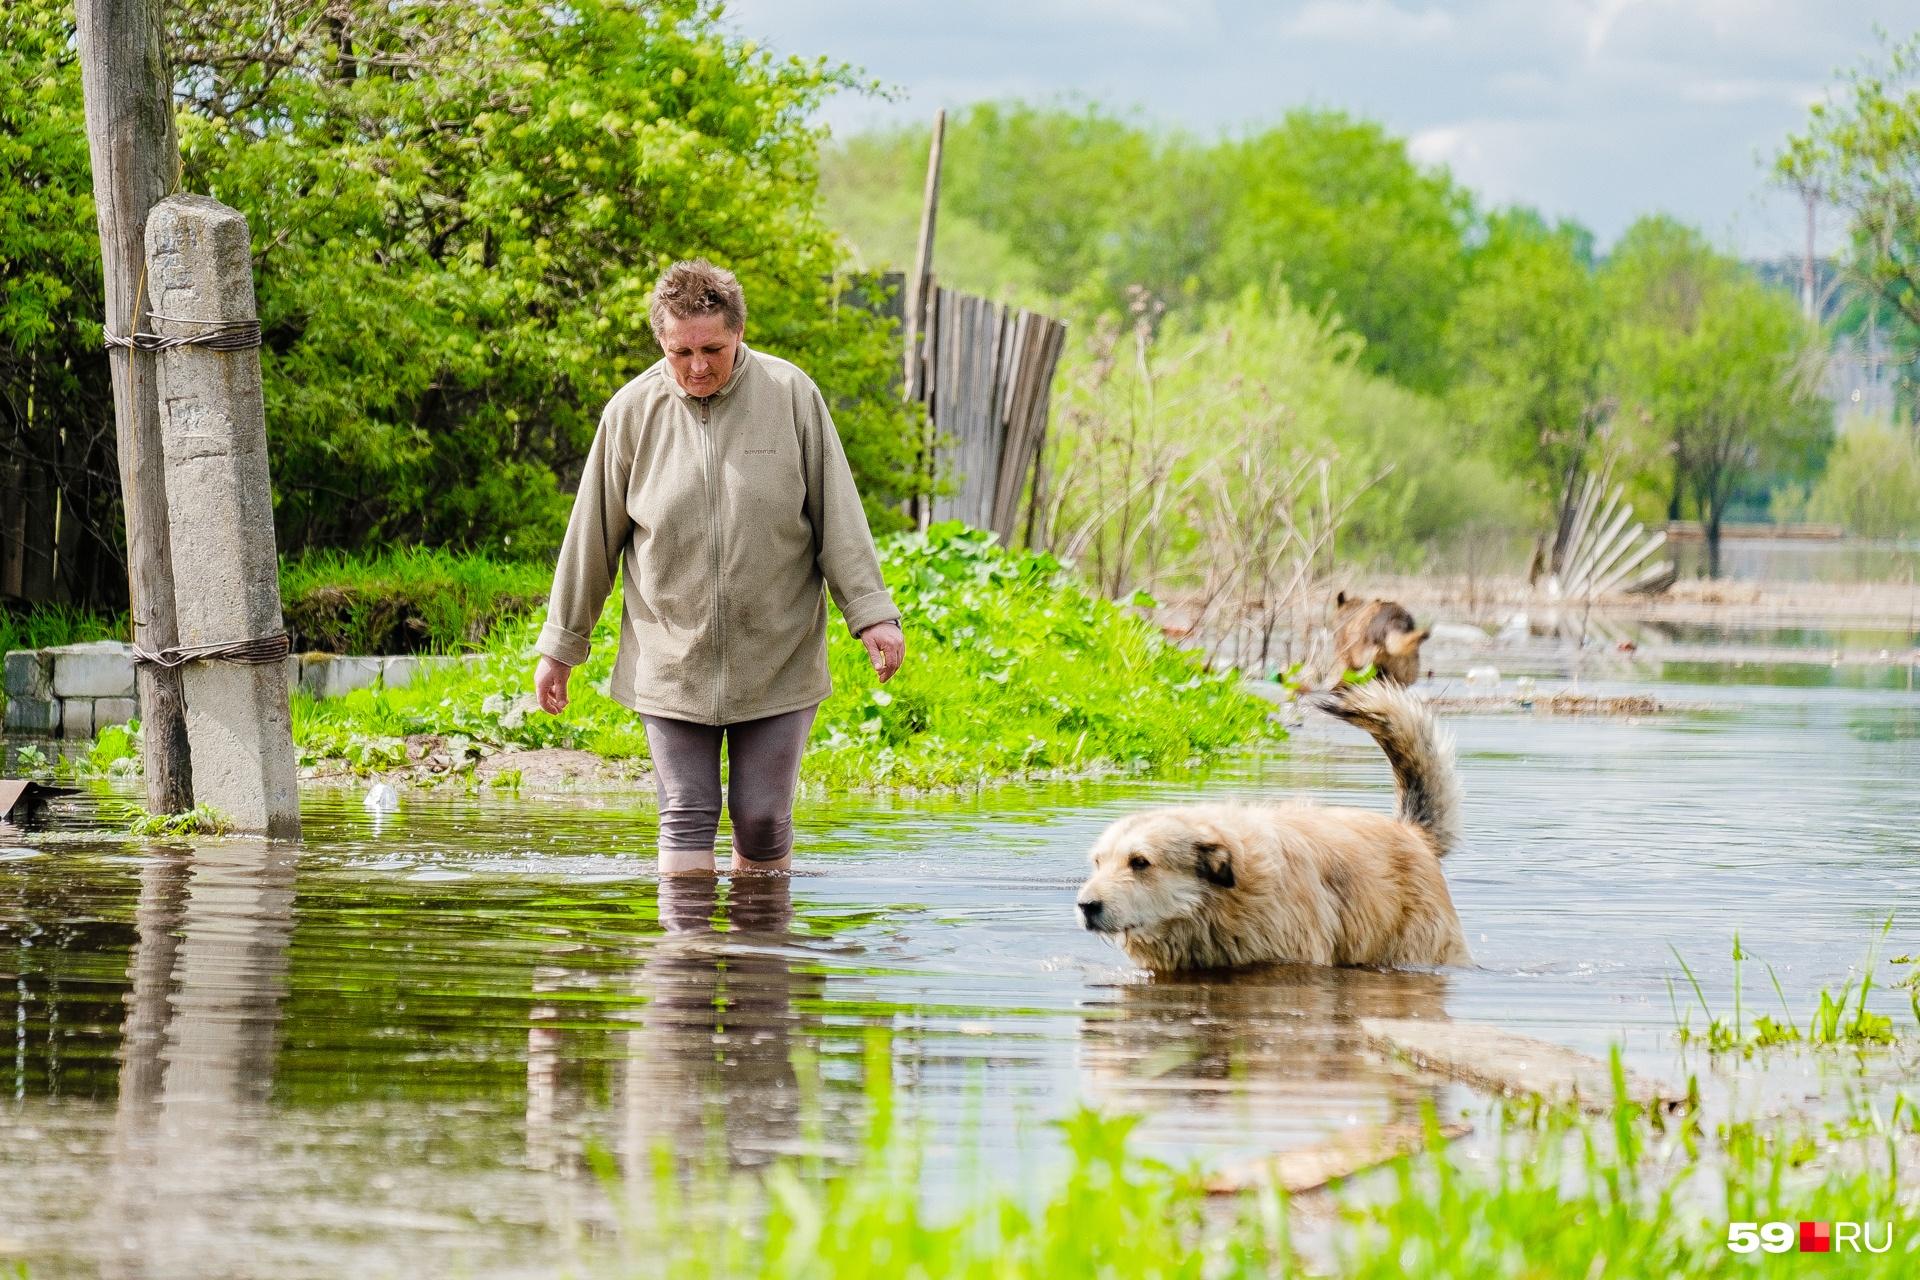 Ольга и ее пес — кажется, воды он совсем не боится